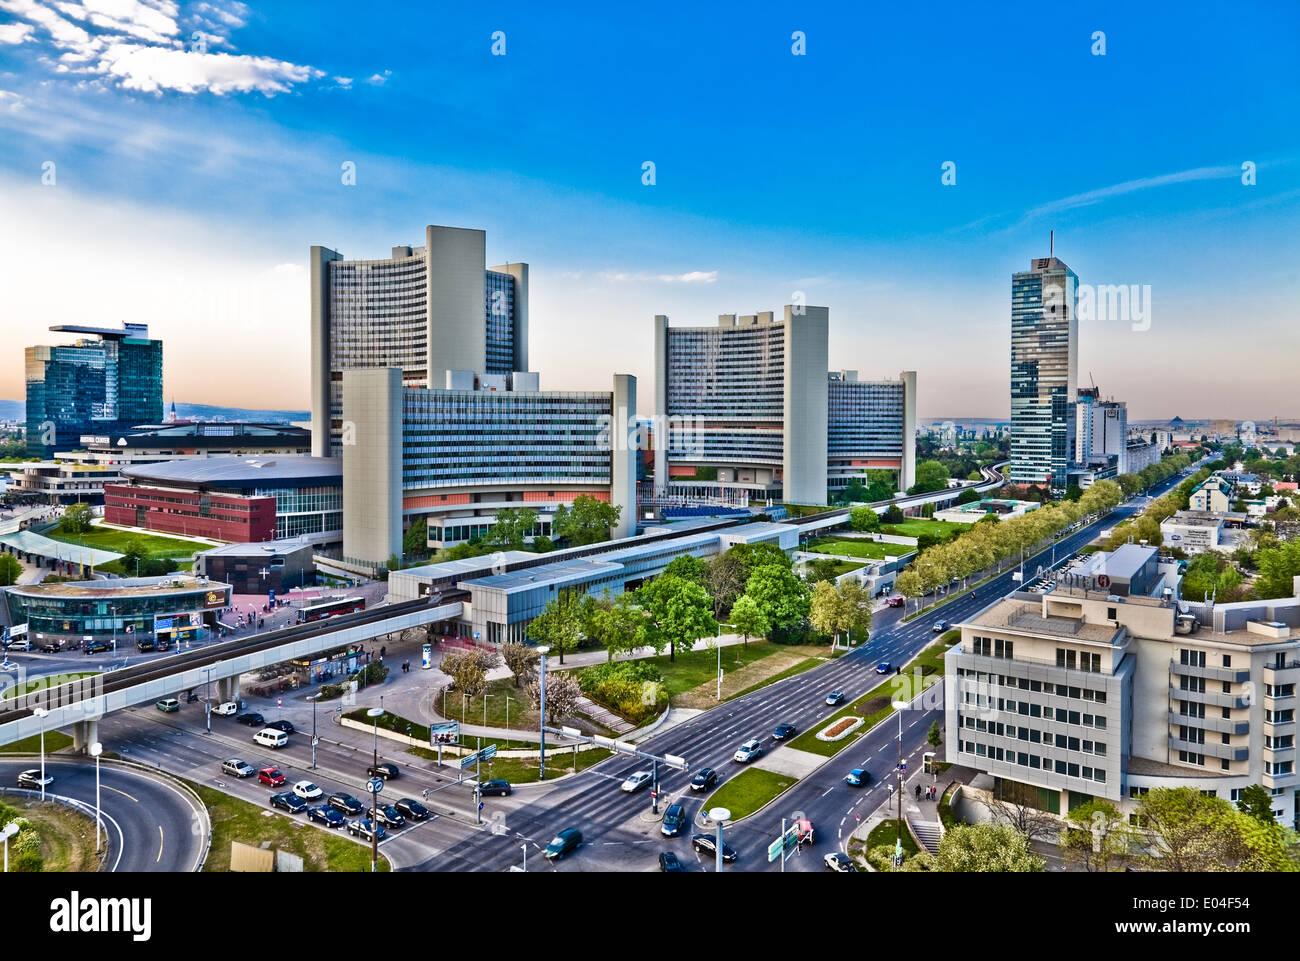 UNO City, Wien, Österreich - UNO City, Vienna, Austria - Stock Image